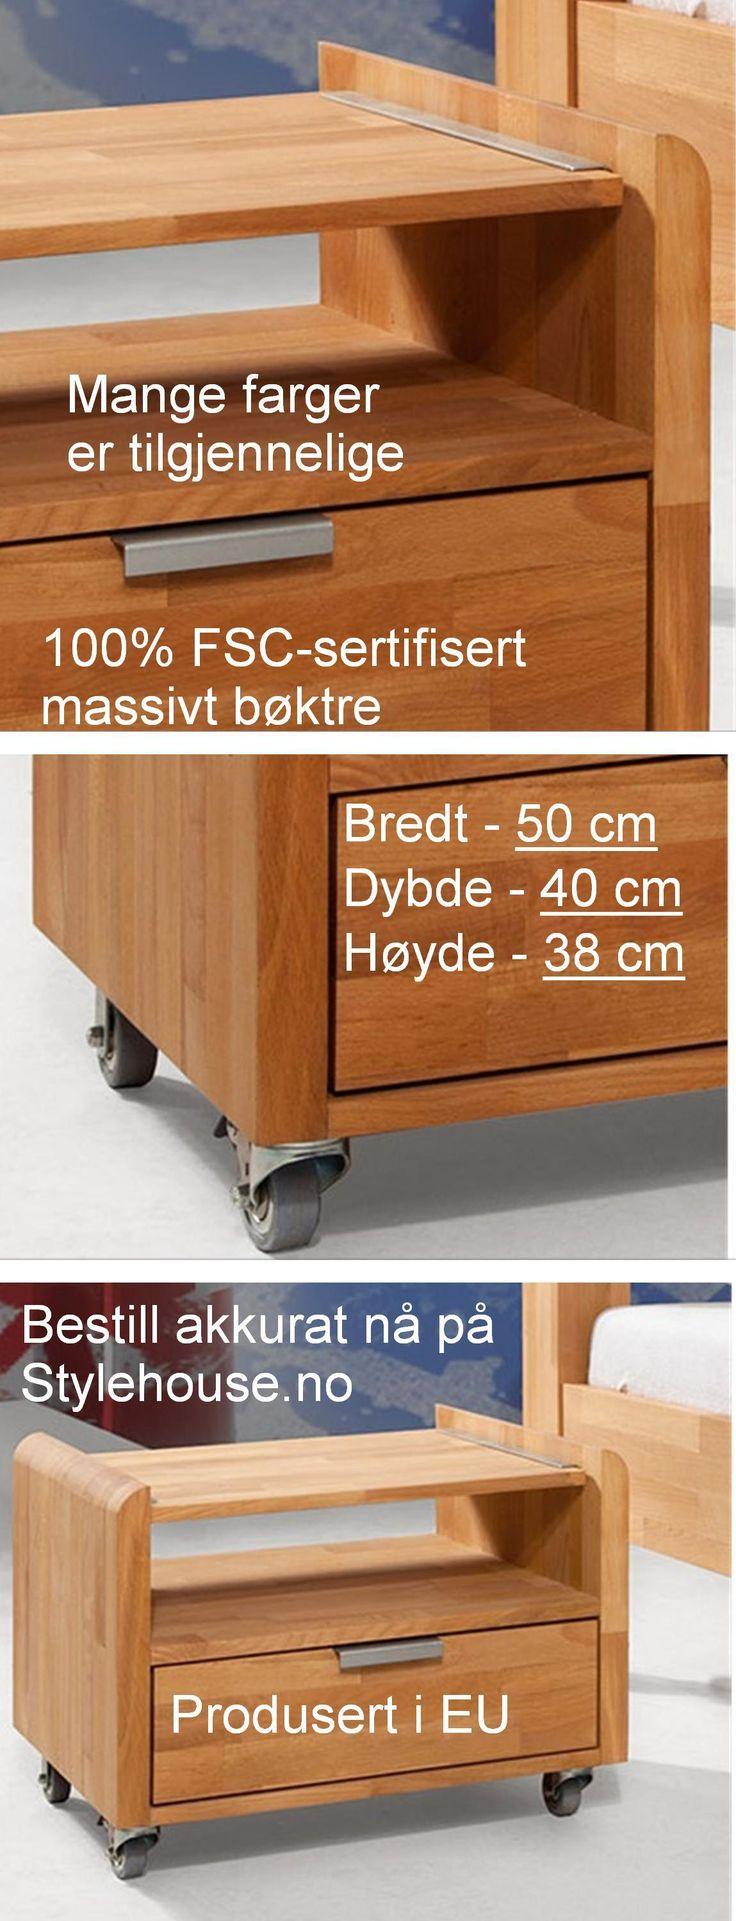 #nattbord #FSCheltrenattbord #FSCmøbler #Heltremøbler #Solidtremøbler